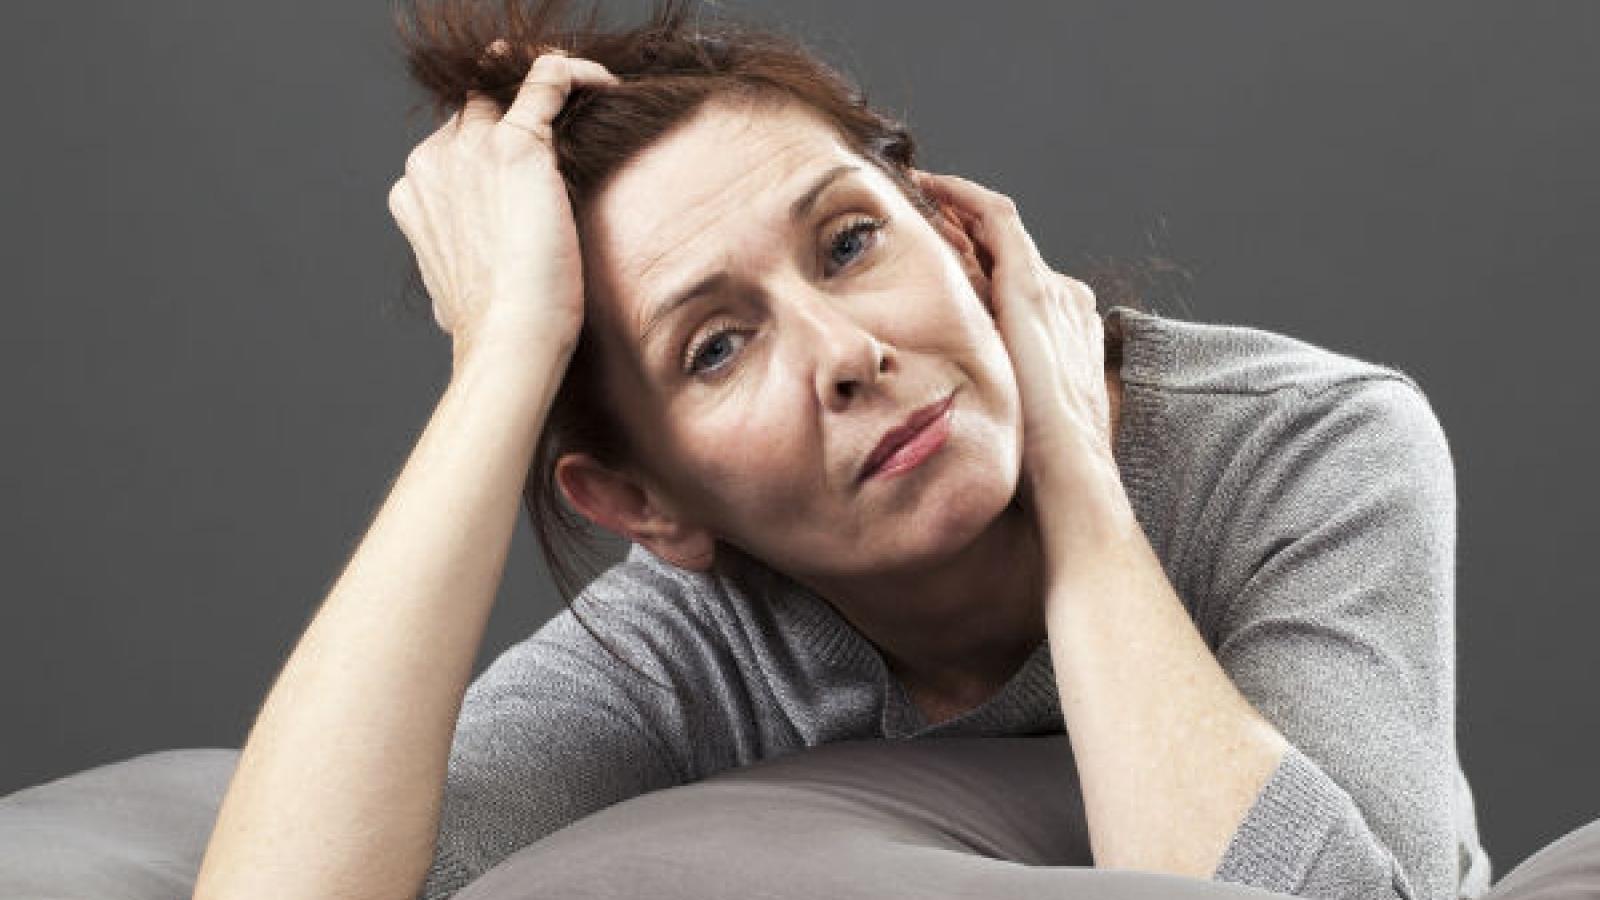 Những nguyên nhân gây tình trạng bốc hỏa ở phụ nữ